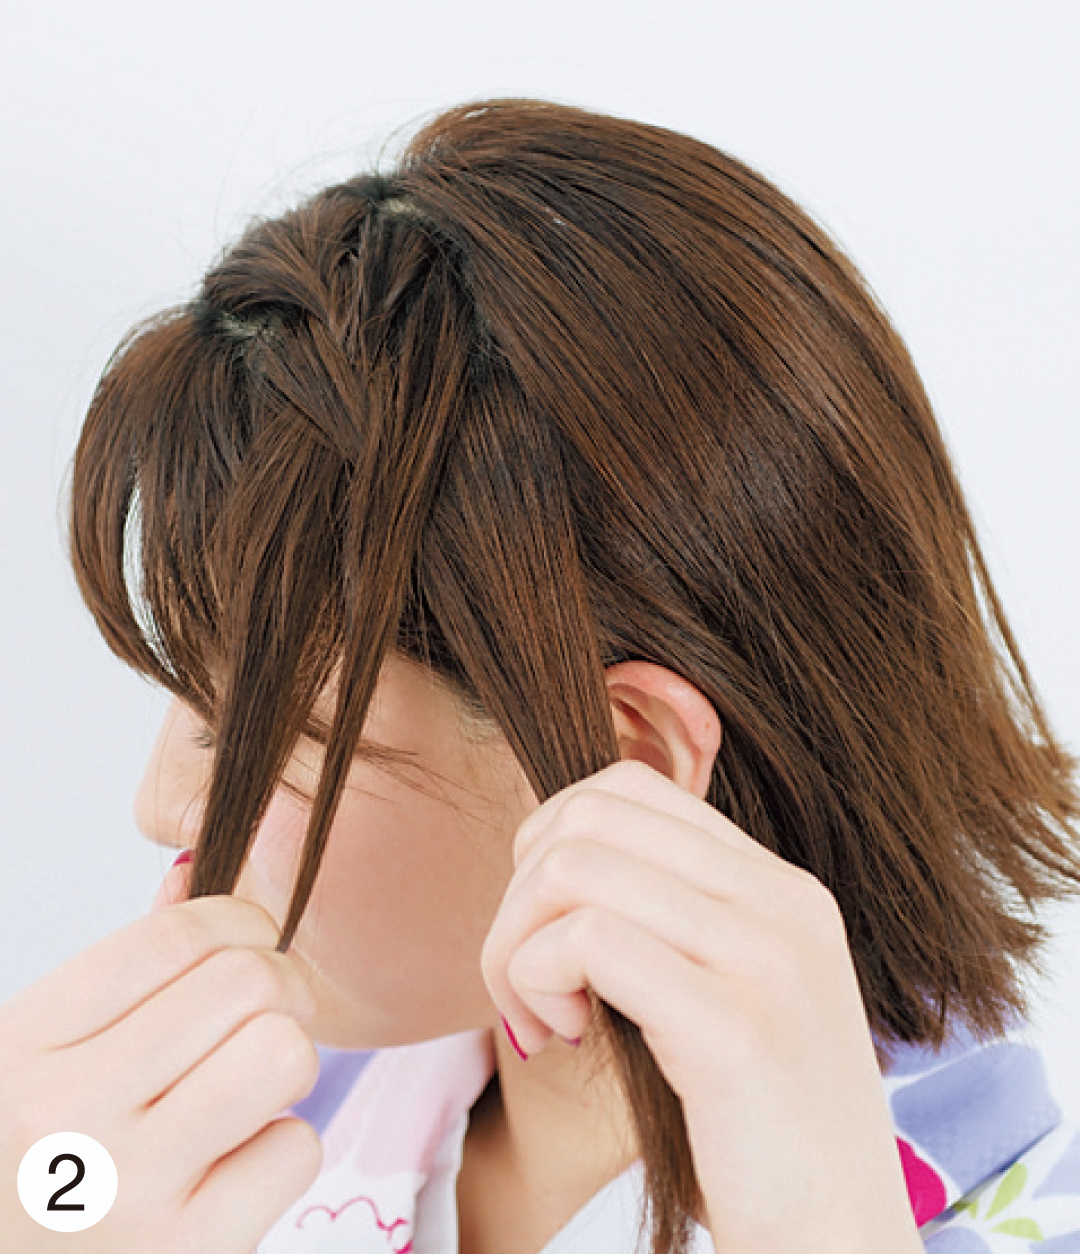 1で分けたトップから、サイドに向かって編み込みをしていく。ゆるめに編んでいき、耳上まで編んだら、編み目を軽く引き出して。